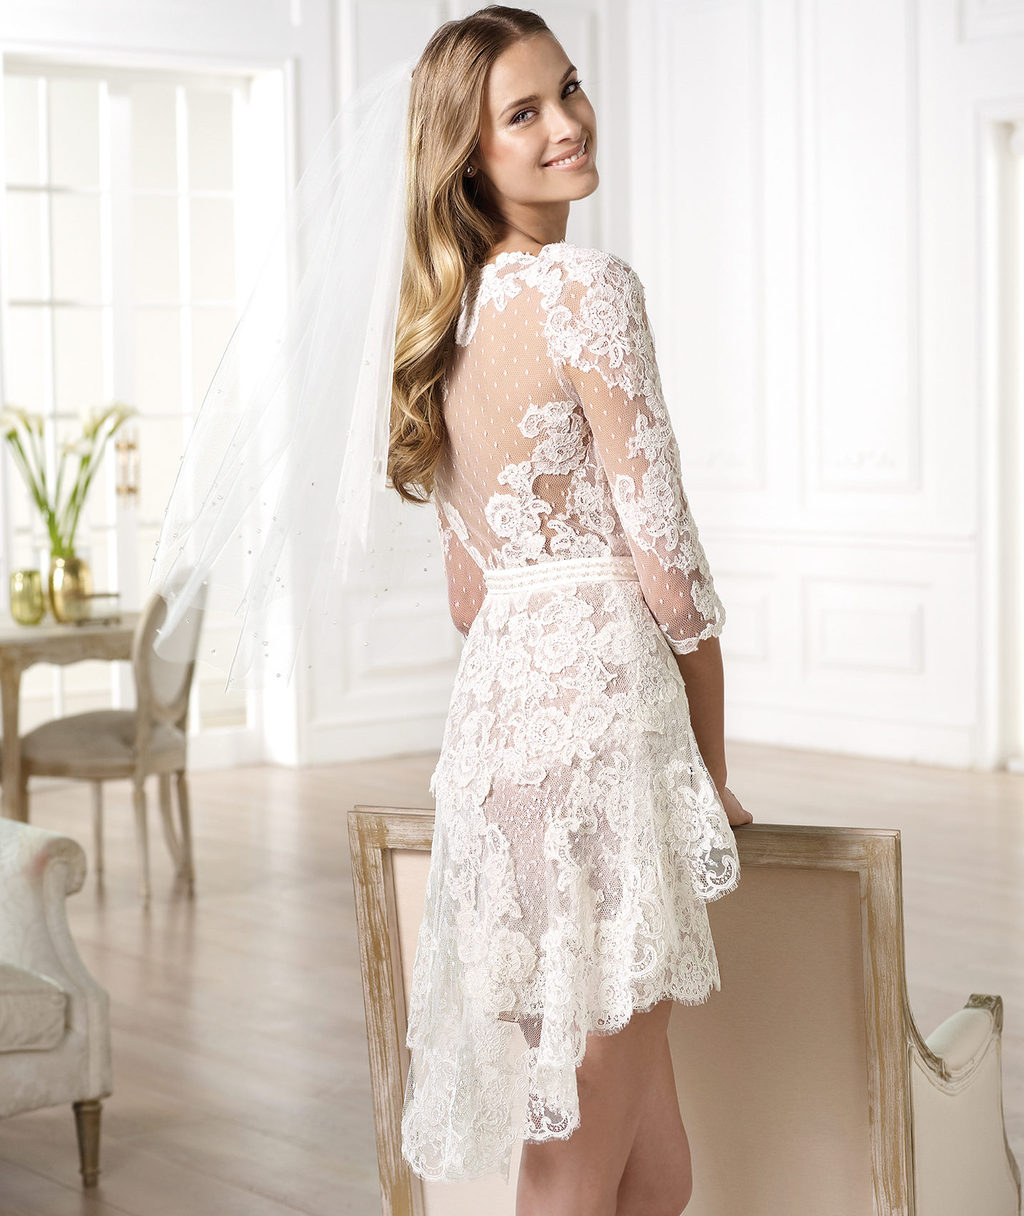 Ivory Lace Short Wedding Dresses 2014